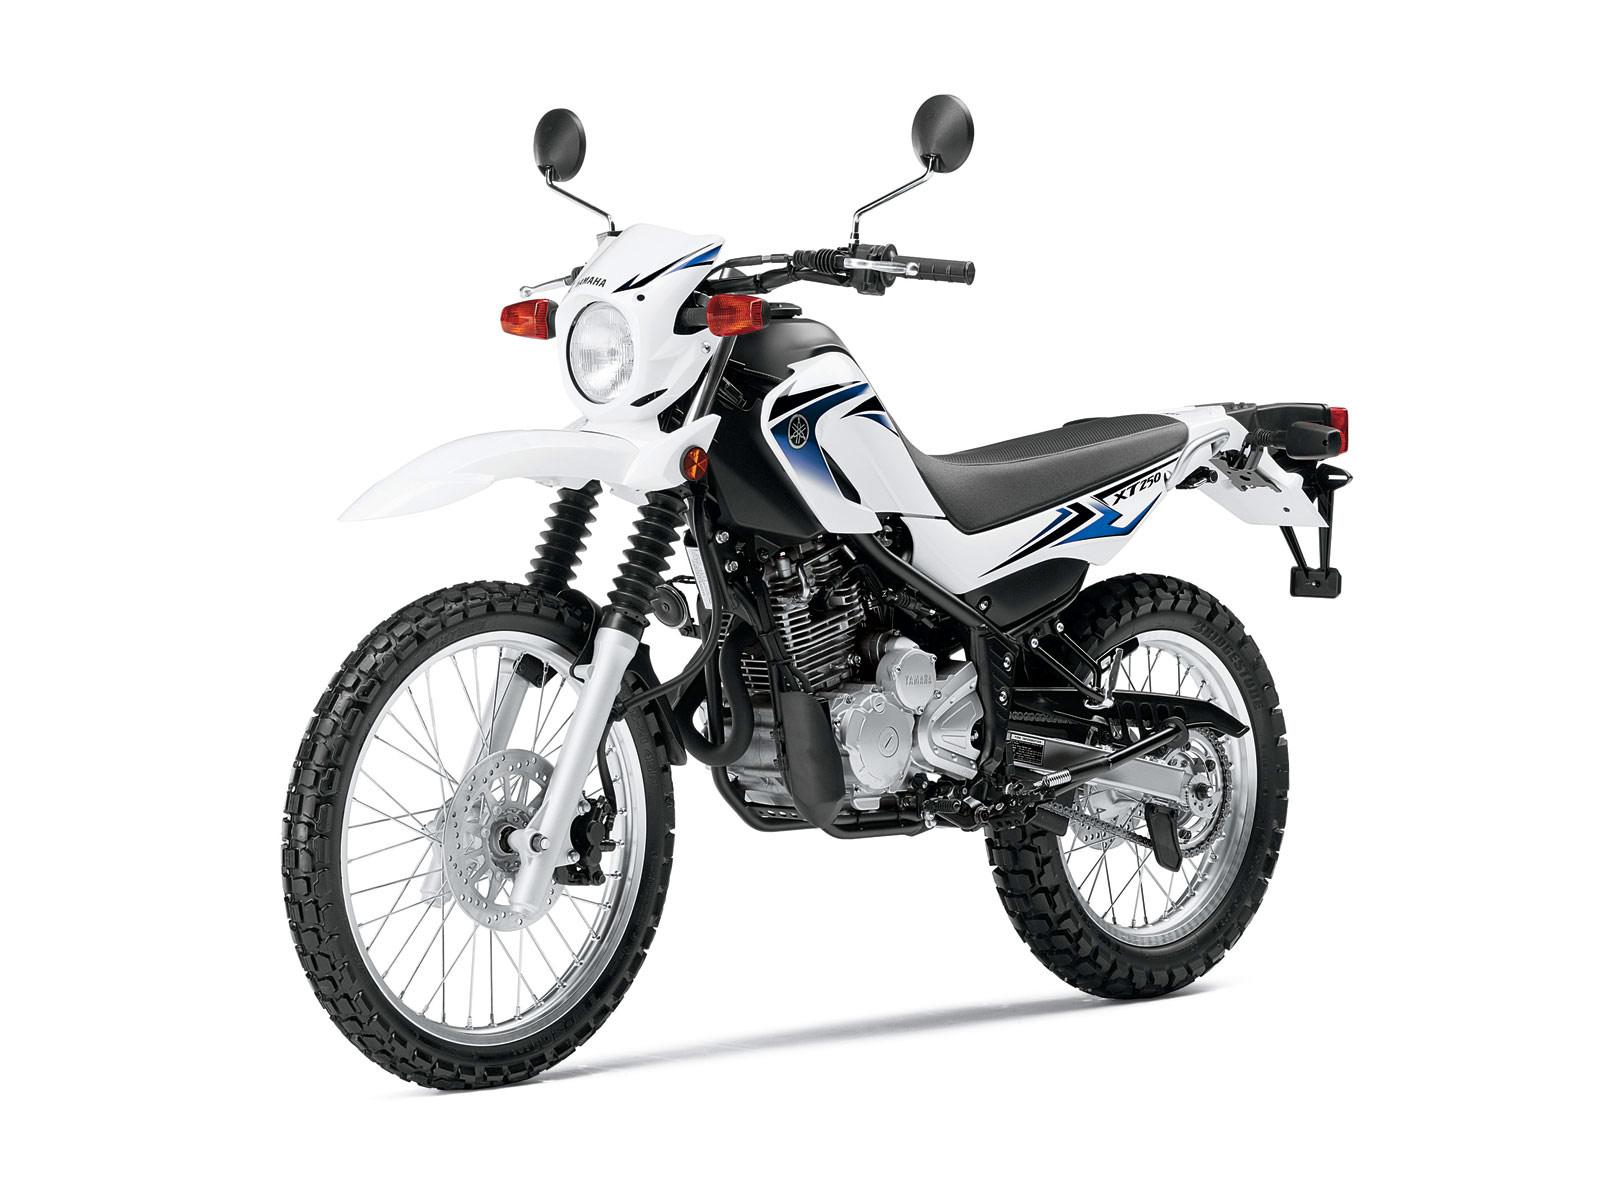 Yamaha Motorcycle Wallpaper Xt250